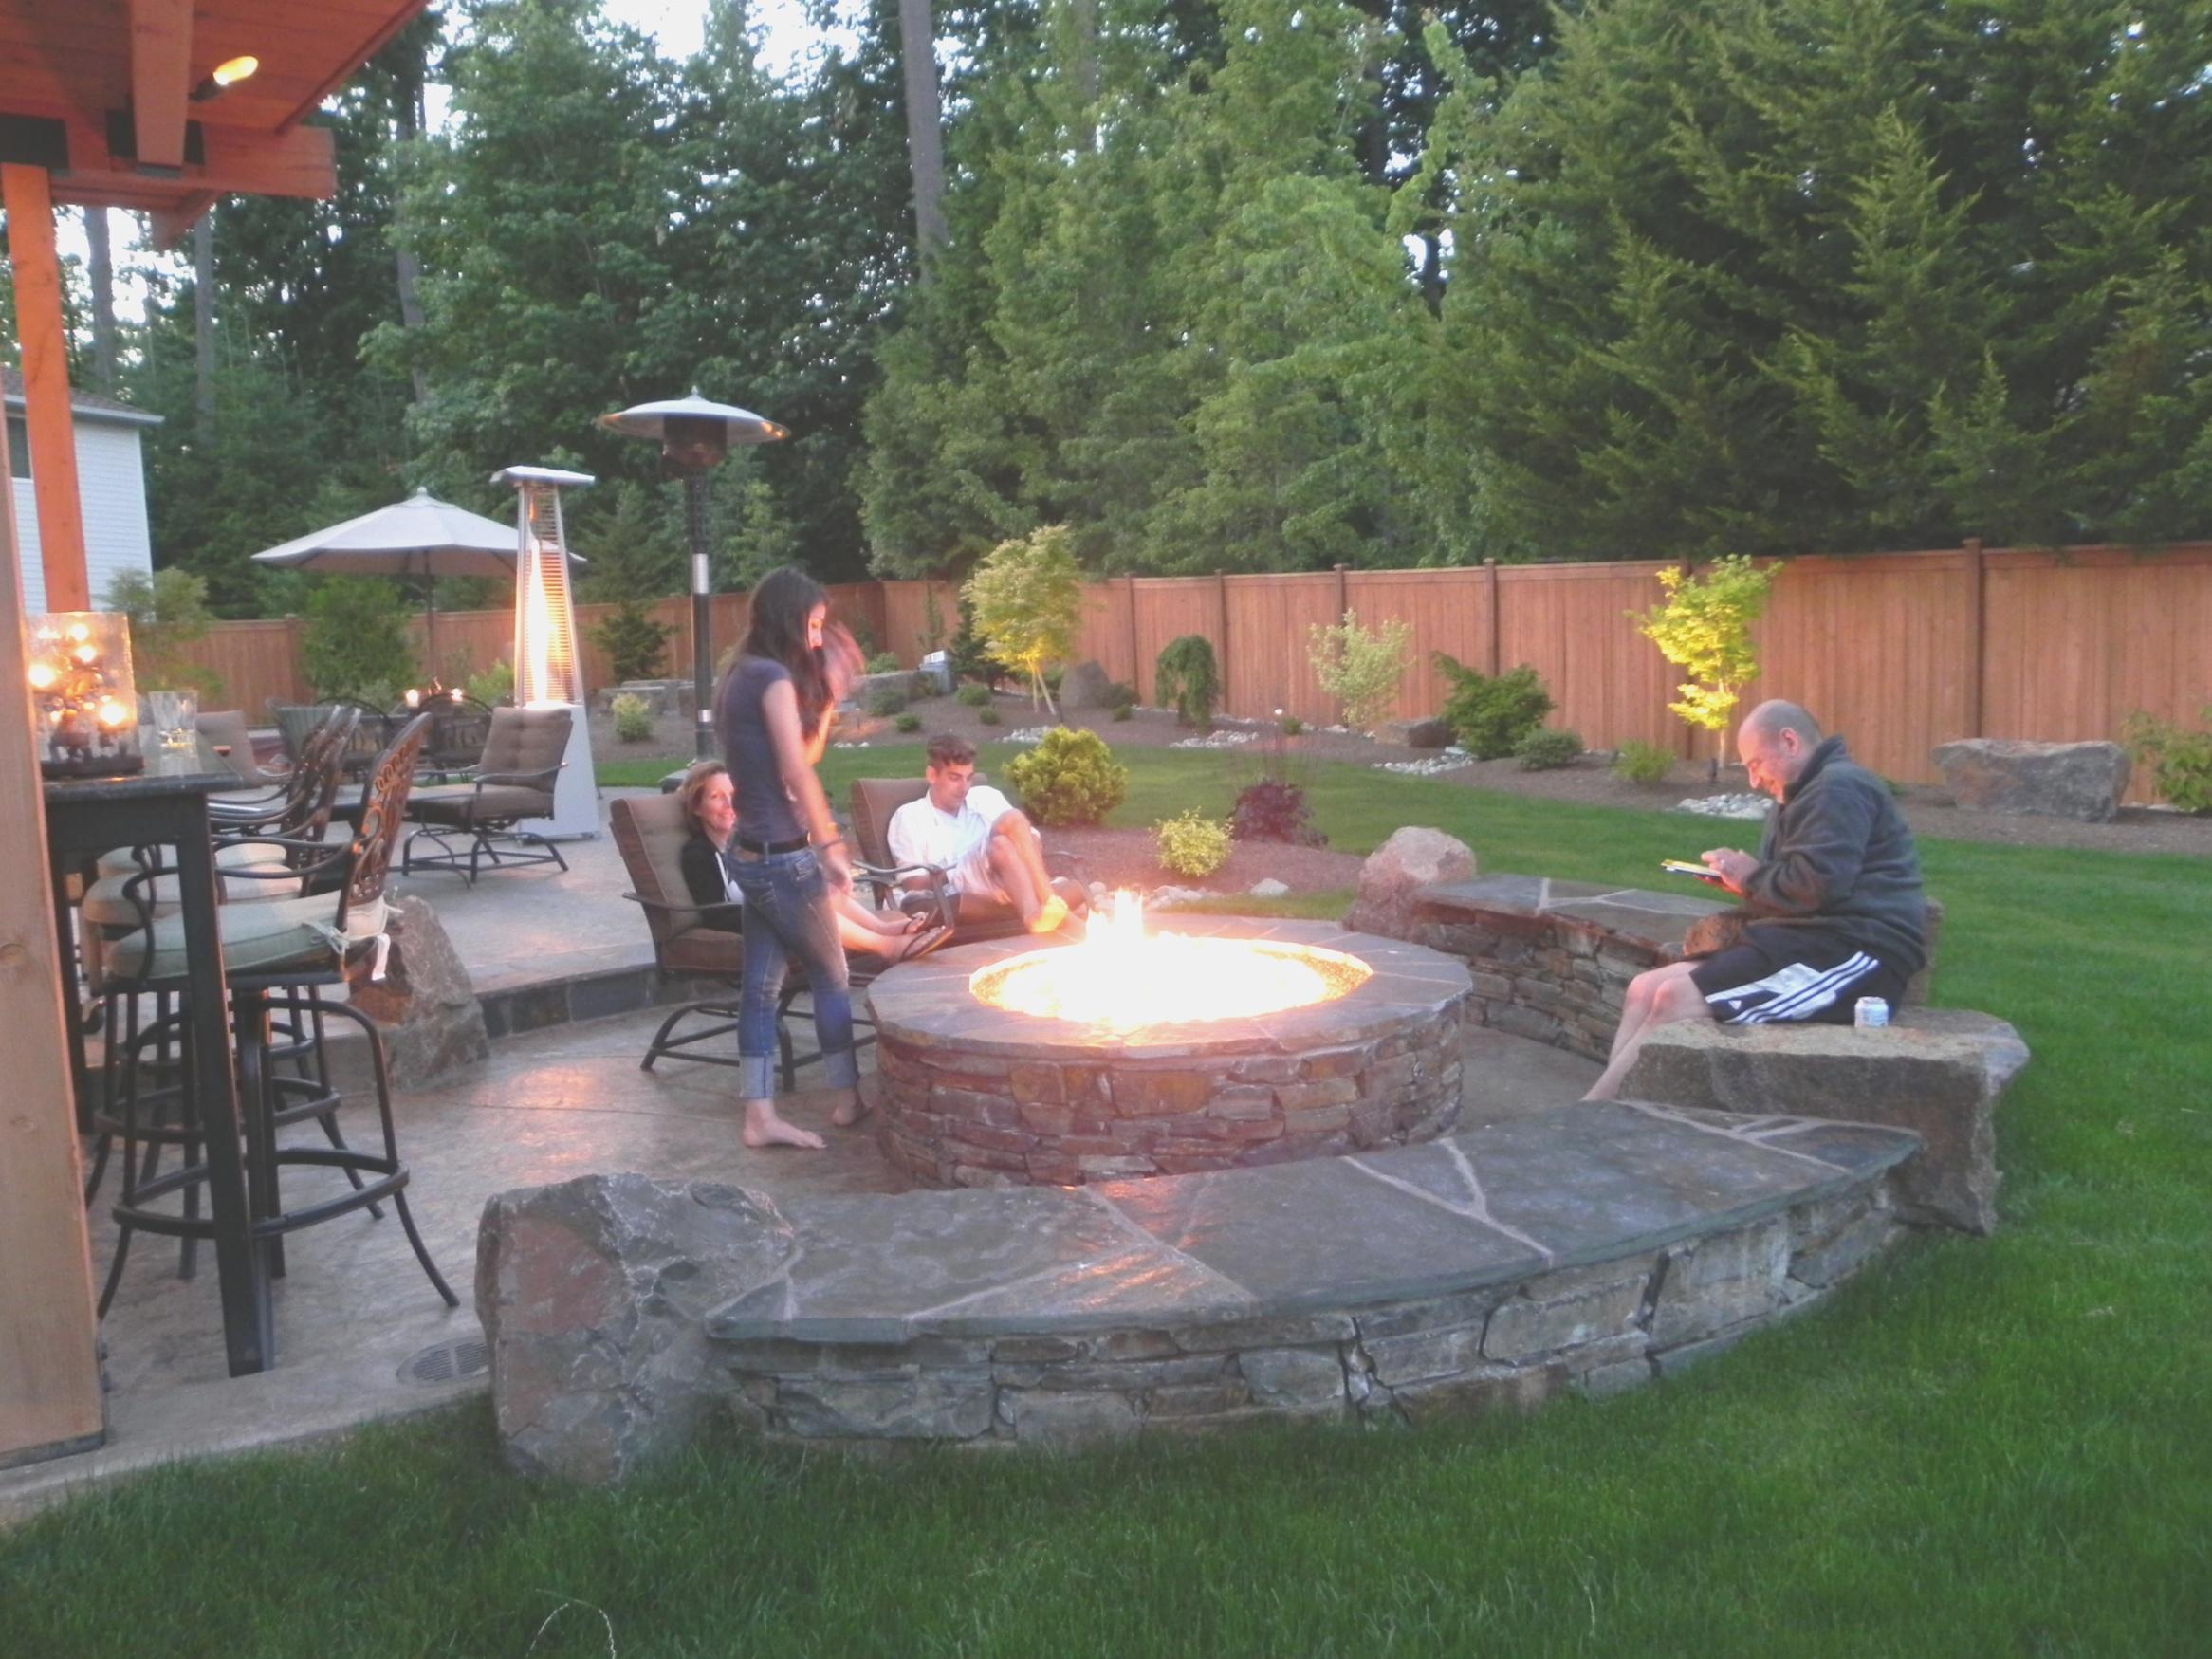 fire pit designs | Fire Pit Design Ideas Unique Hardscape Outdoor » SEG2011